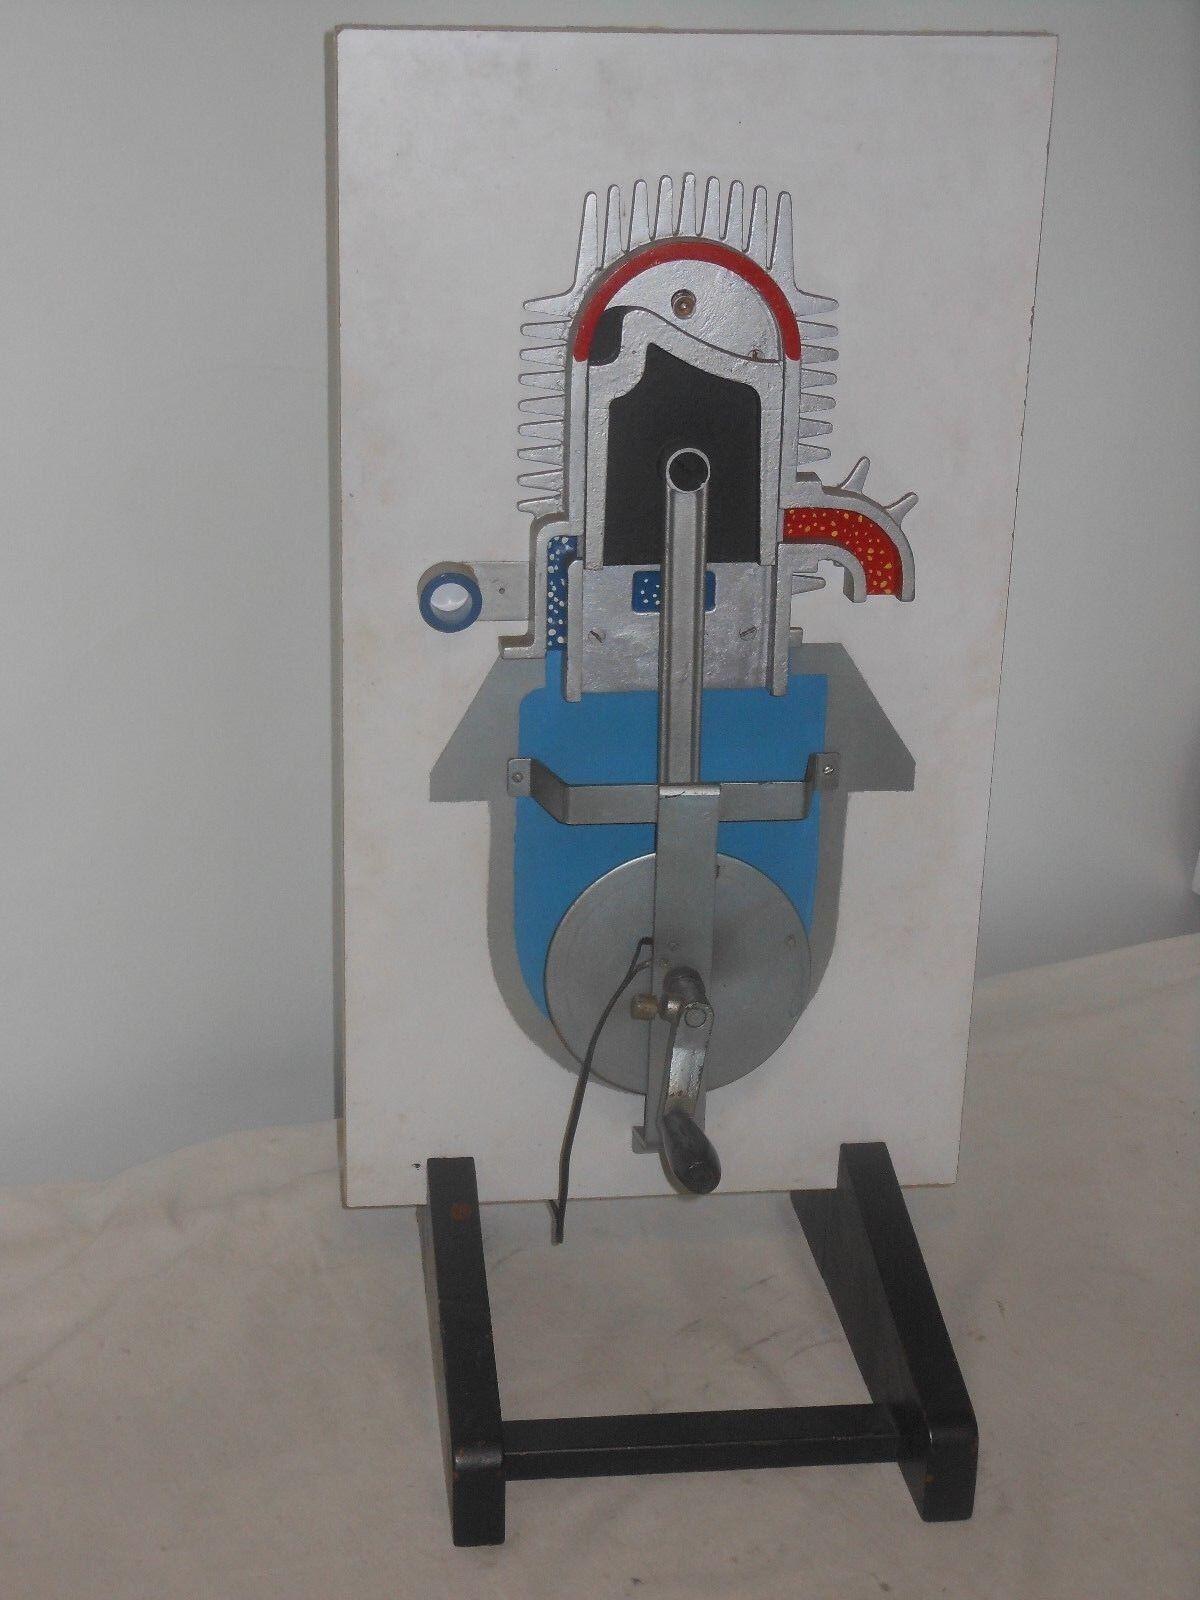 Santa Claus arrive Vintage grand moteur moteur moteur lehrmodell-Fahrschulmodell-Coupe modèle-hauteur 67 cm | Luxuriante Dans La Conception  60814f